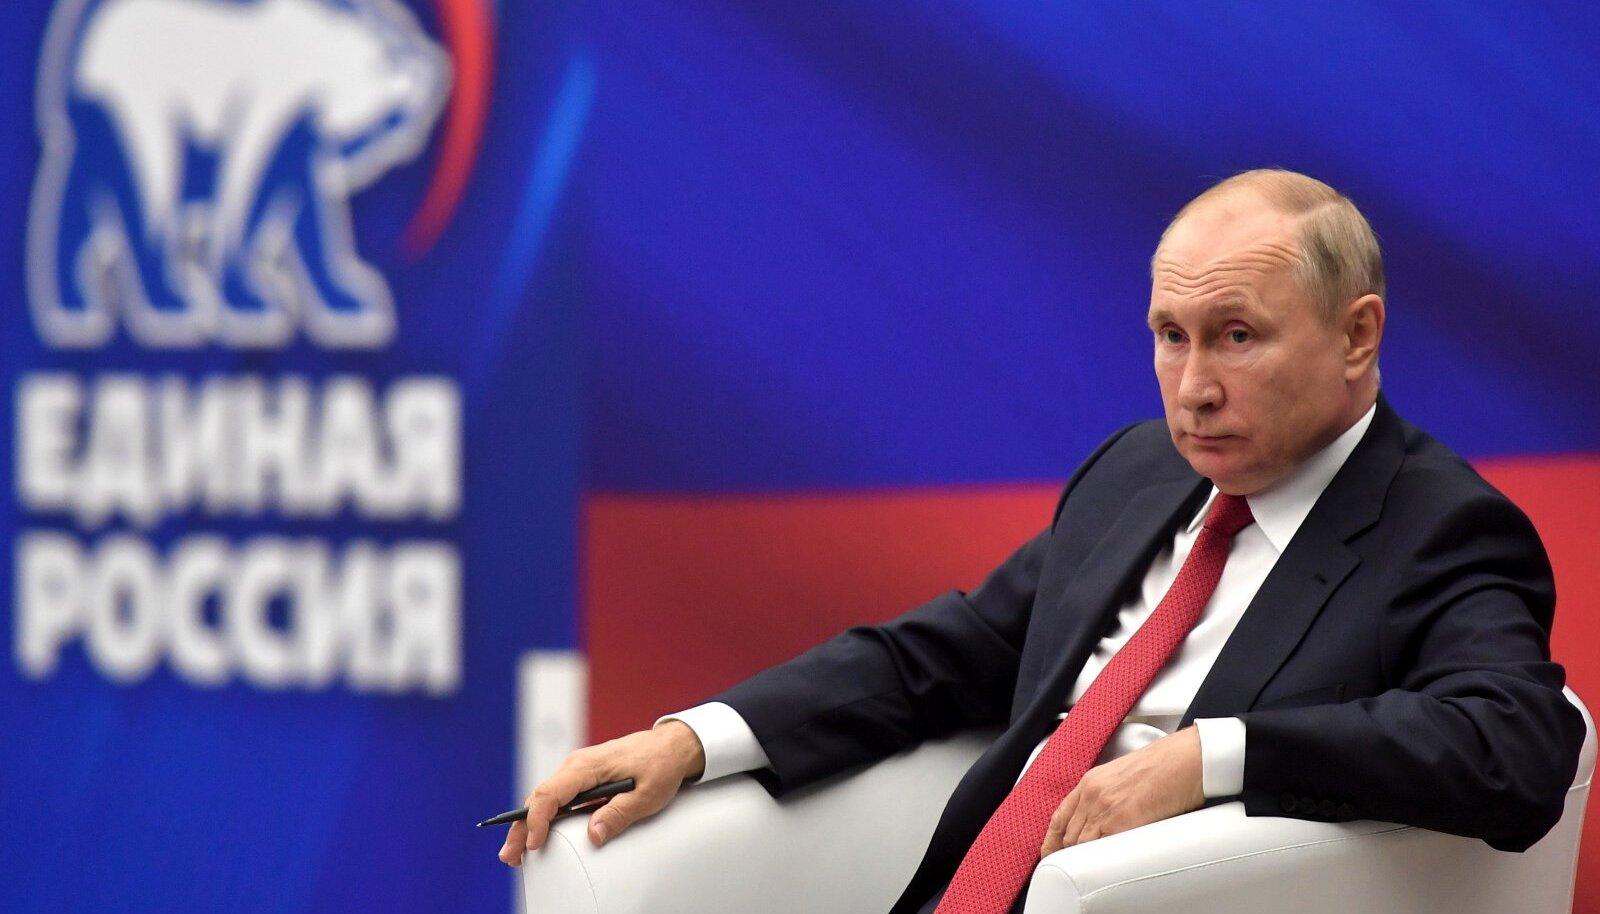 Augusti keskel kohtus president Vladimir Putin Ühtse Venemaa esindajatega. Ehkki Putin on parteiga tihedalt seotud, pole ta selle liikmeks astunud.